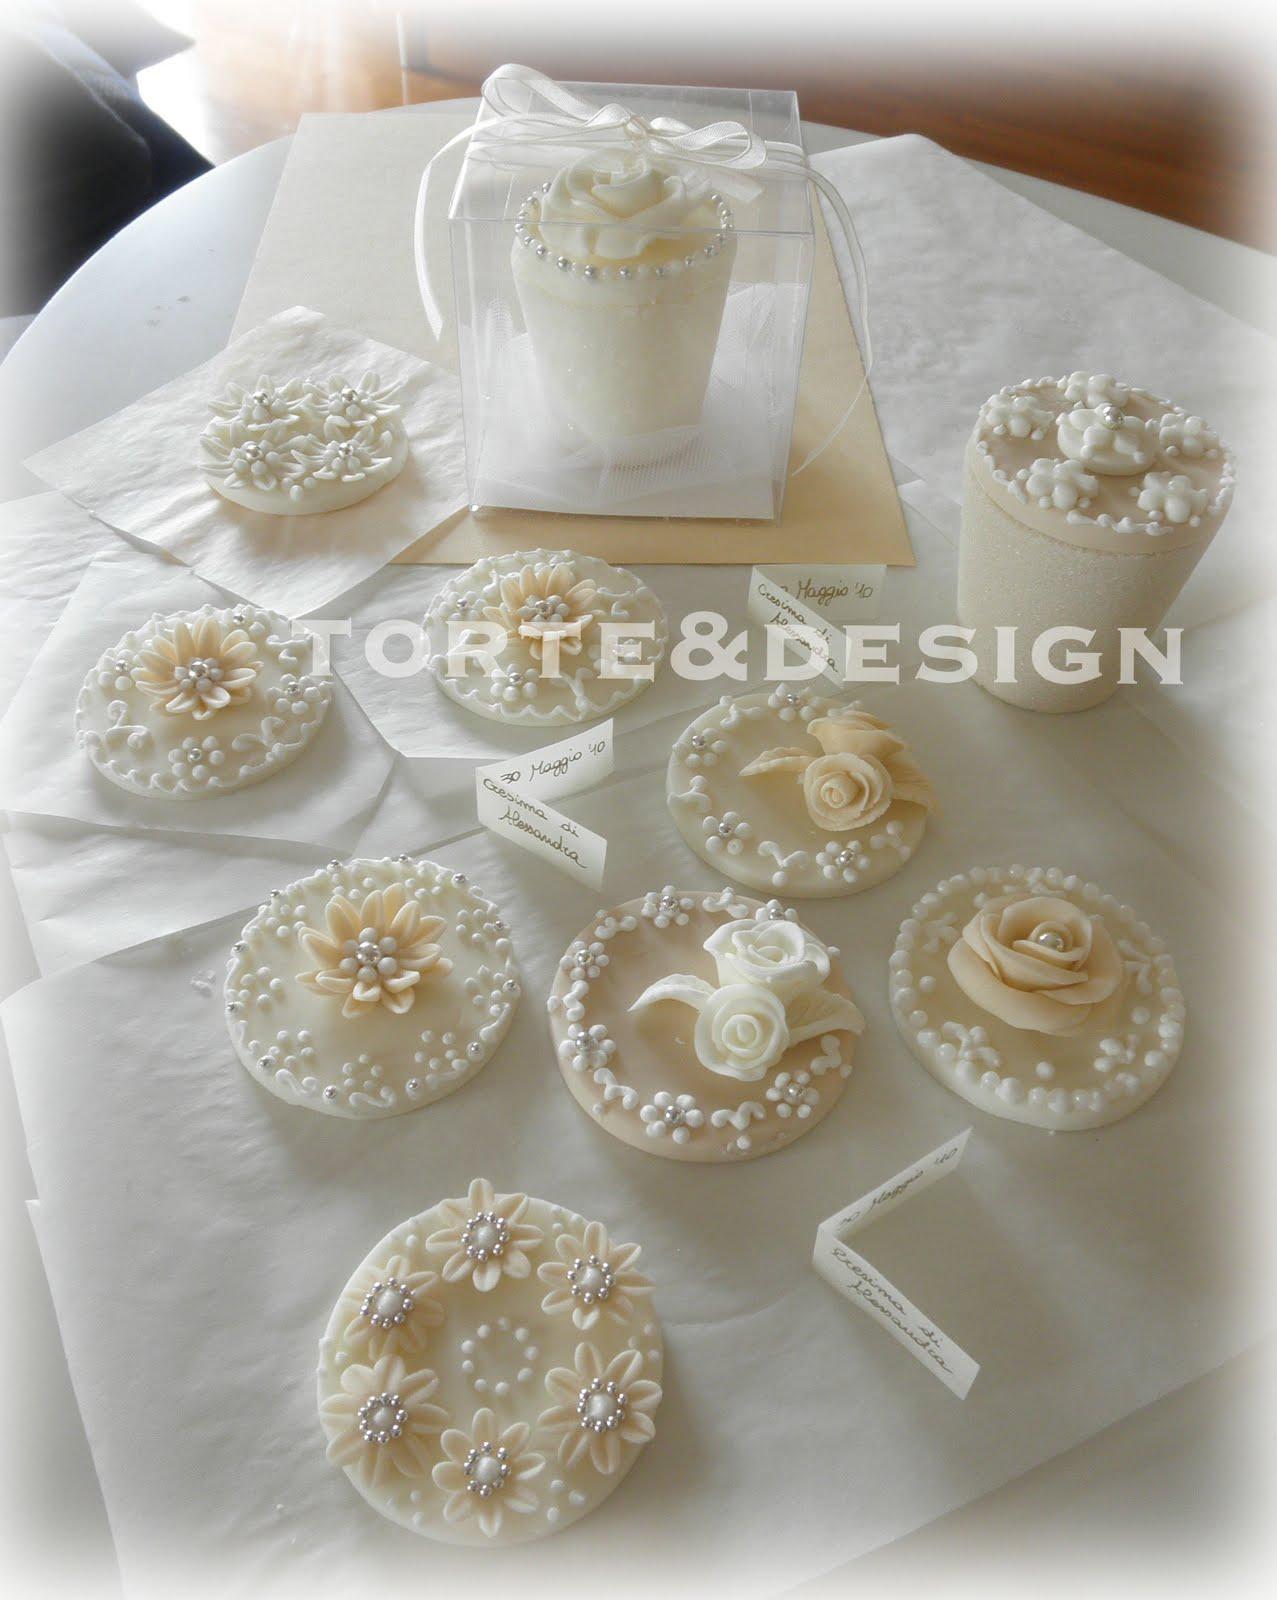 Torte design le bomboniere per la cresima di alessandra for Decorazioni torte per cresima